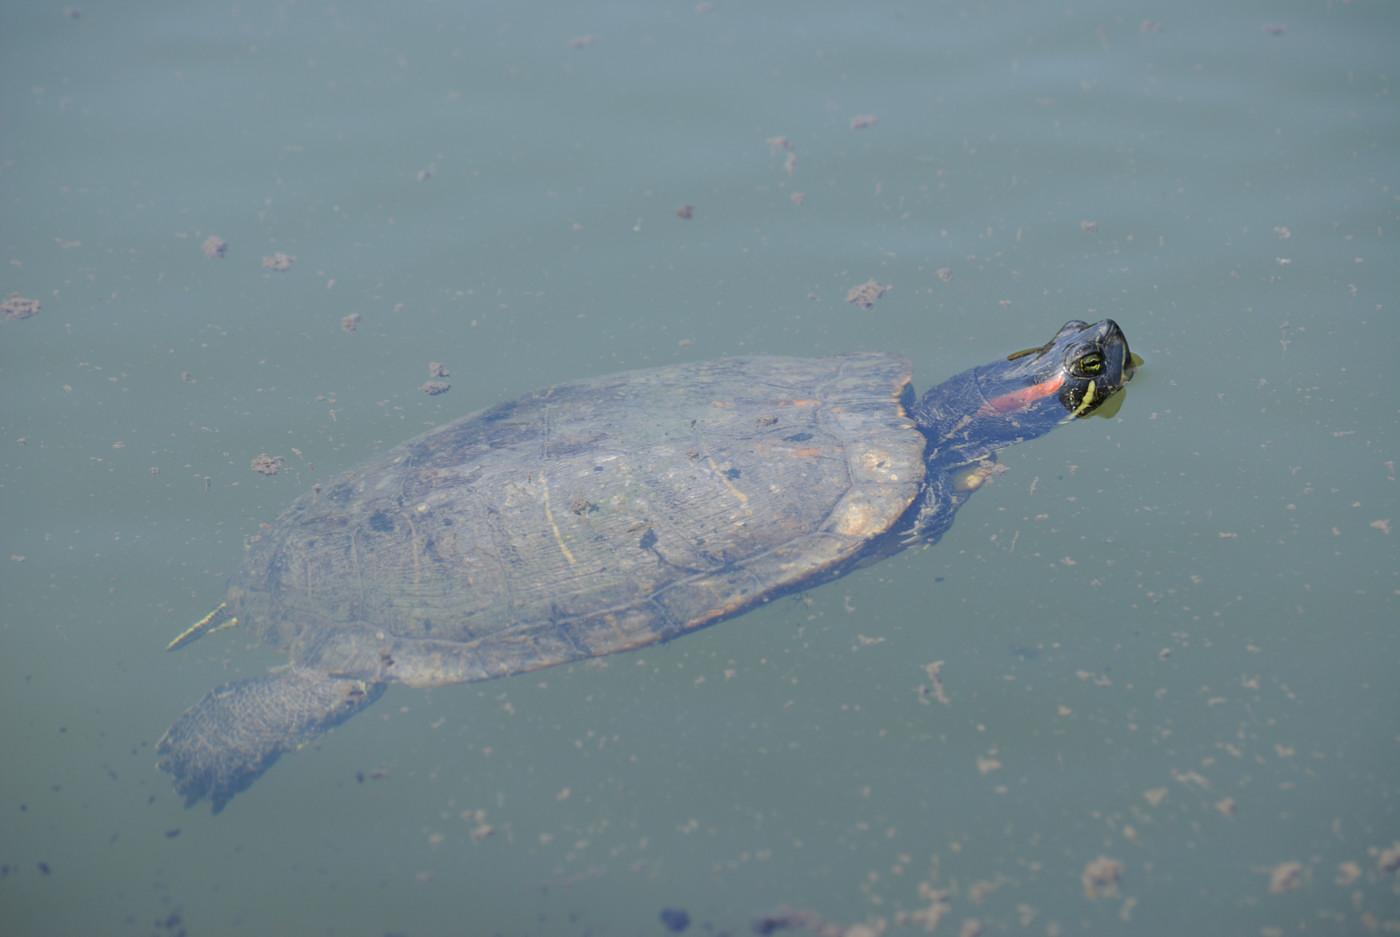 泳いでいる亀さん